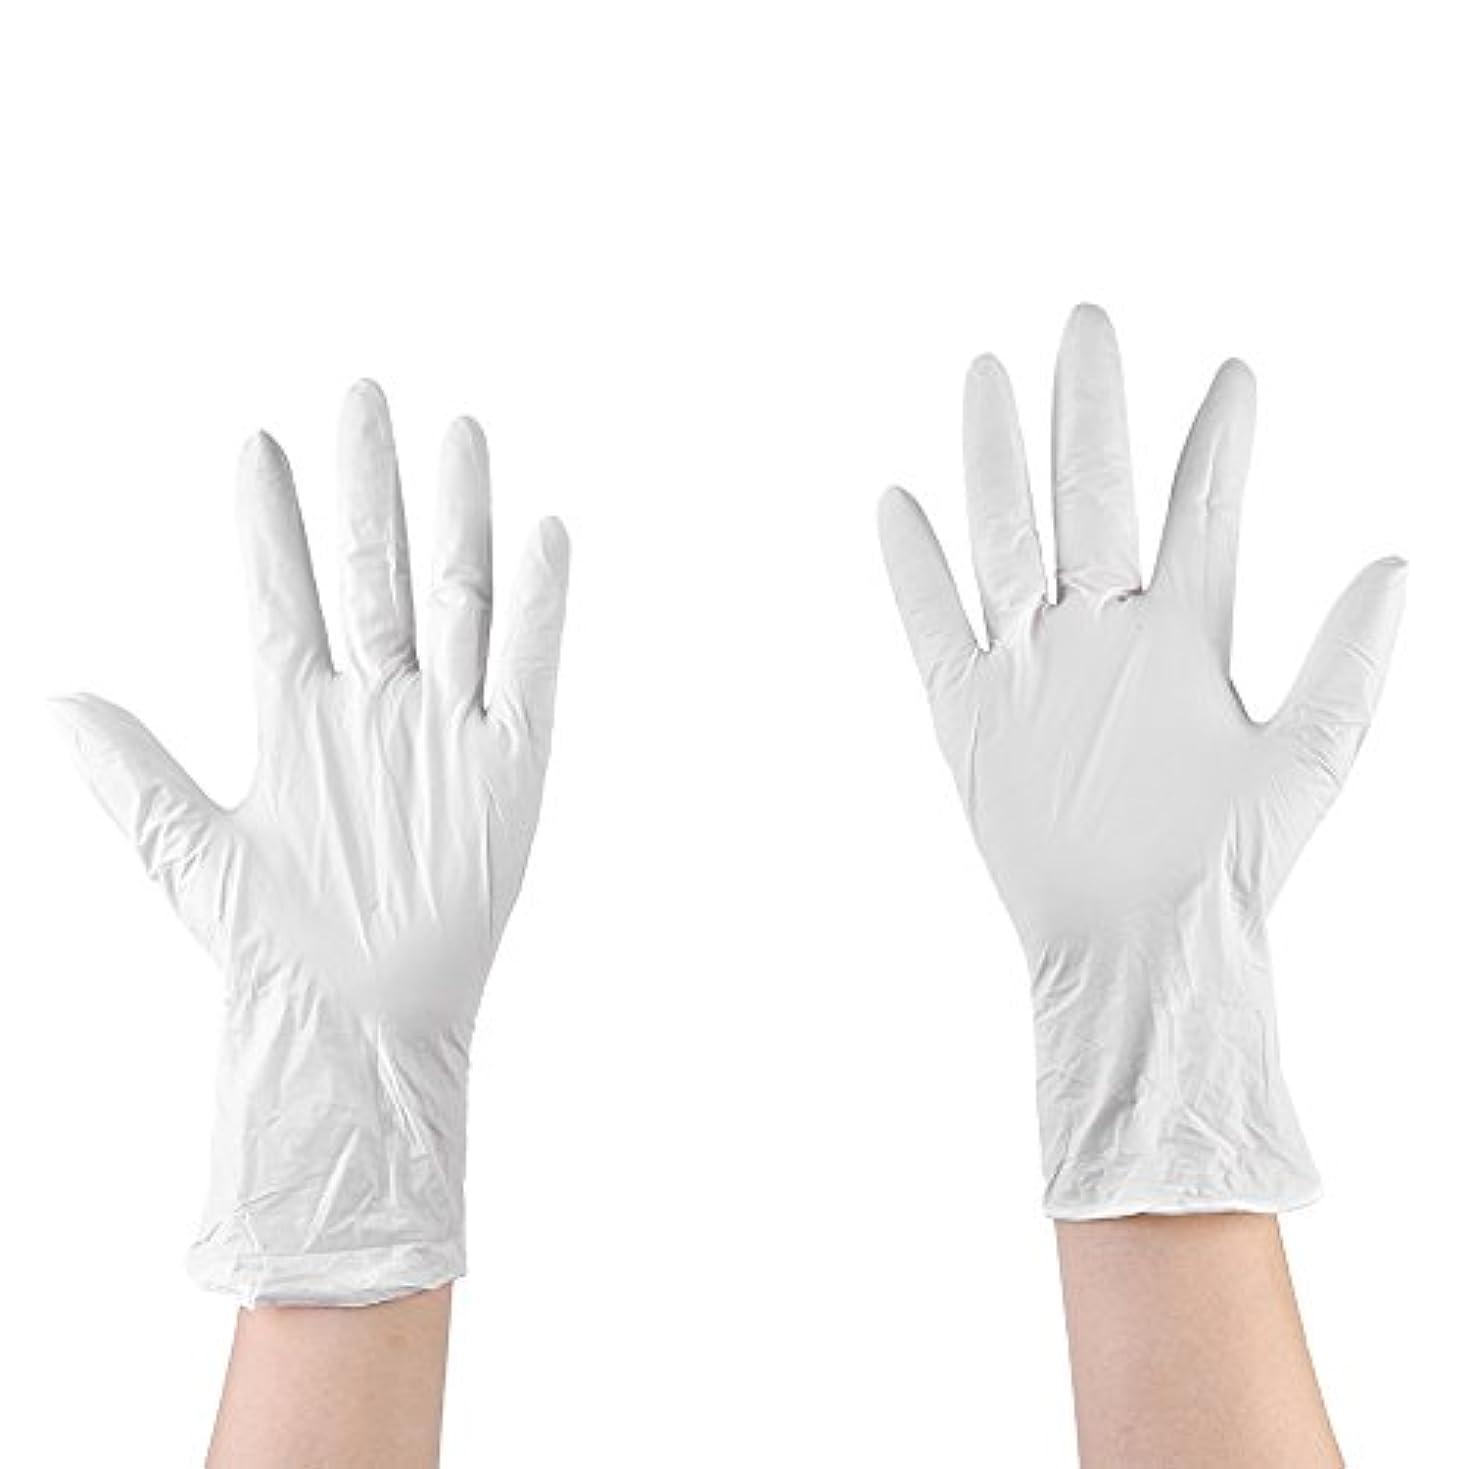 アソシエイト構成員誰の使い捨て手袋 ニトリルグローブ ホワイト 粉なし タトゥー/歯科/病院/研究室に適応 M/L選択可 50枚 左右兼用 作業手袋(M)